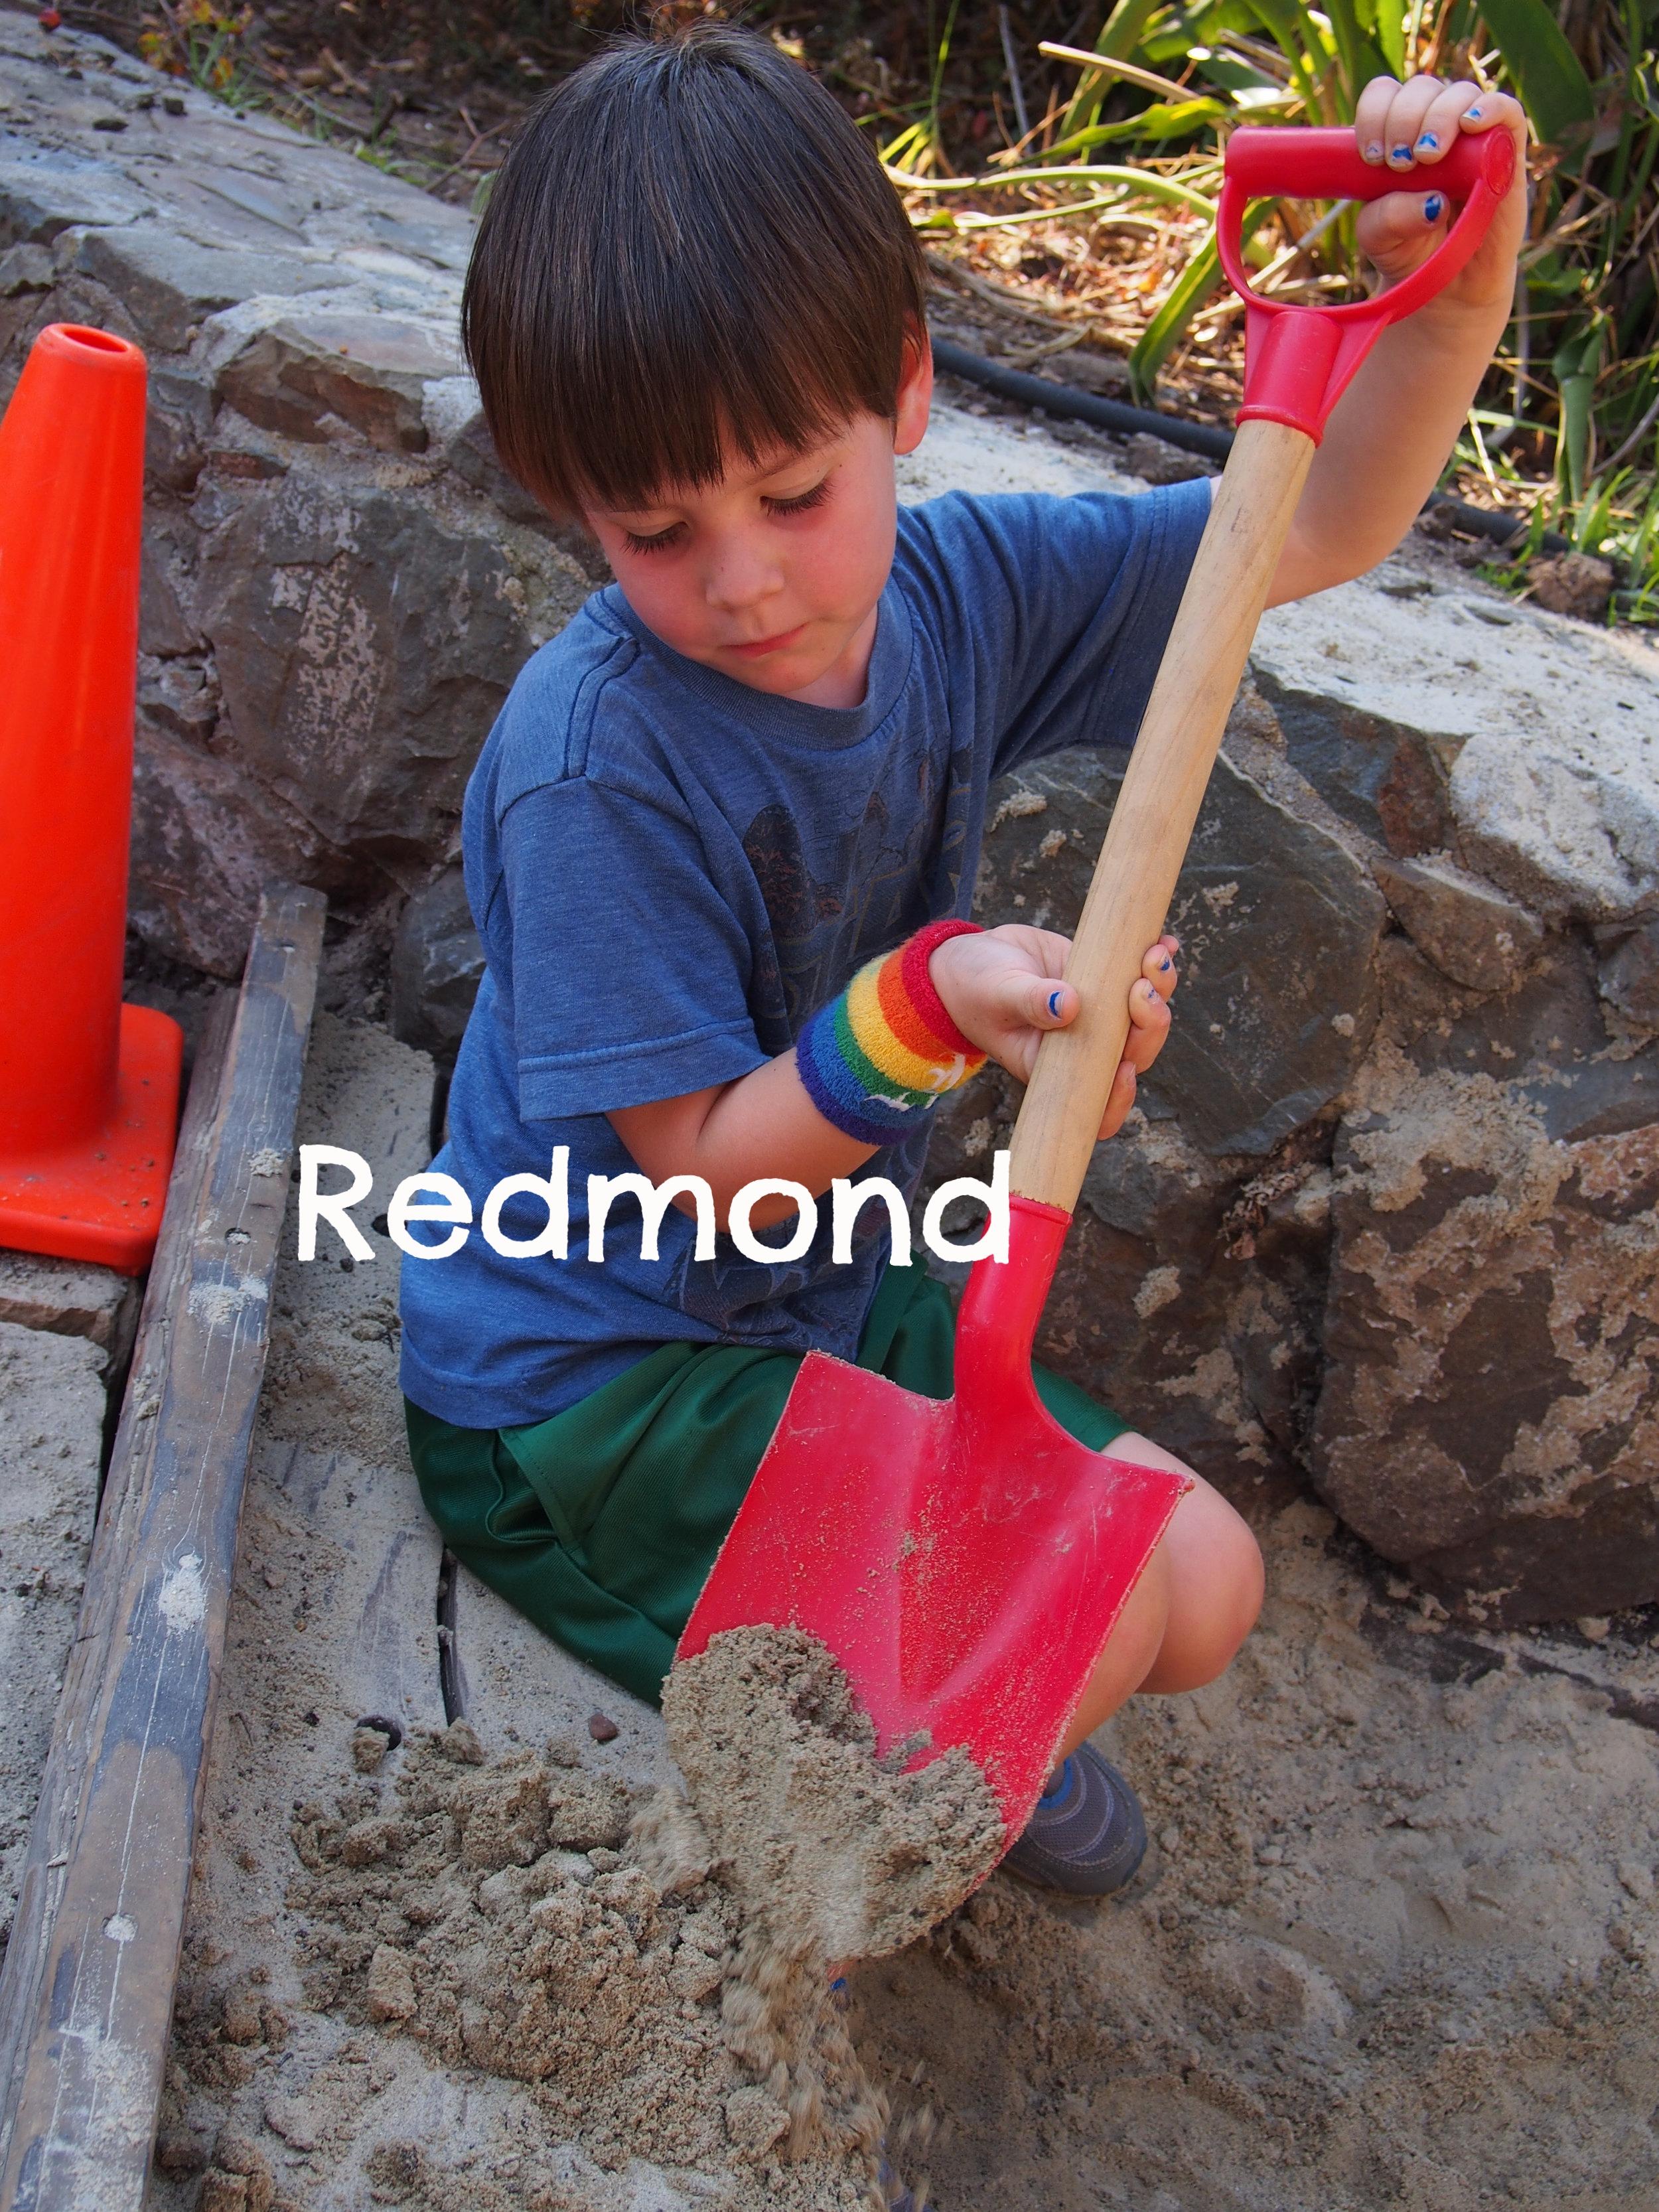 redmond shovel.jpeg